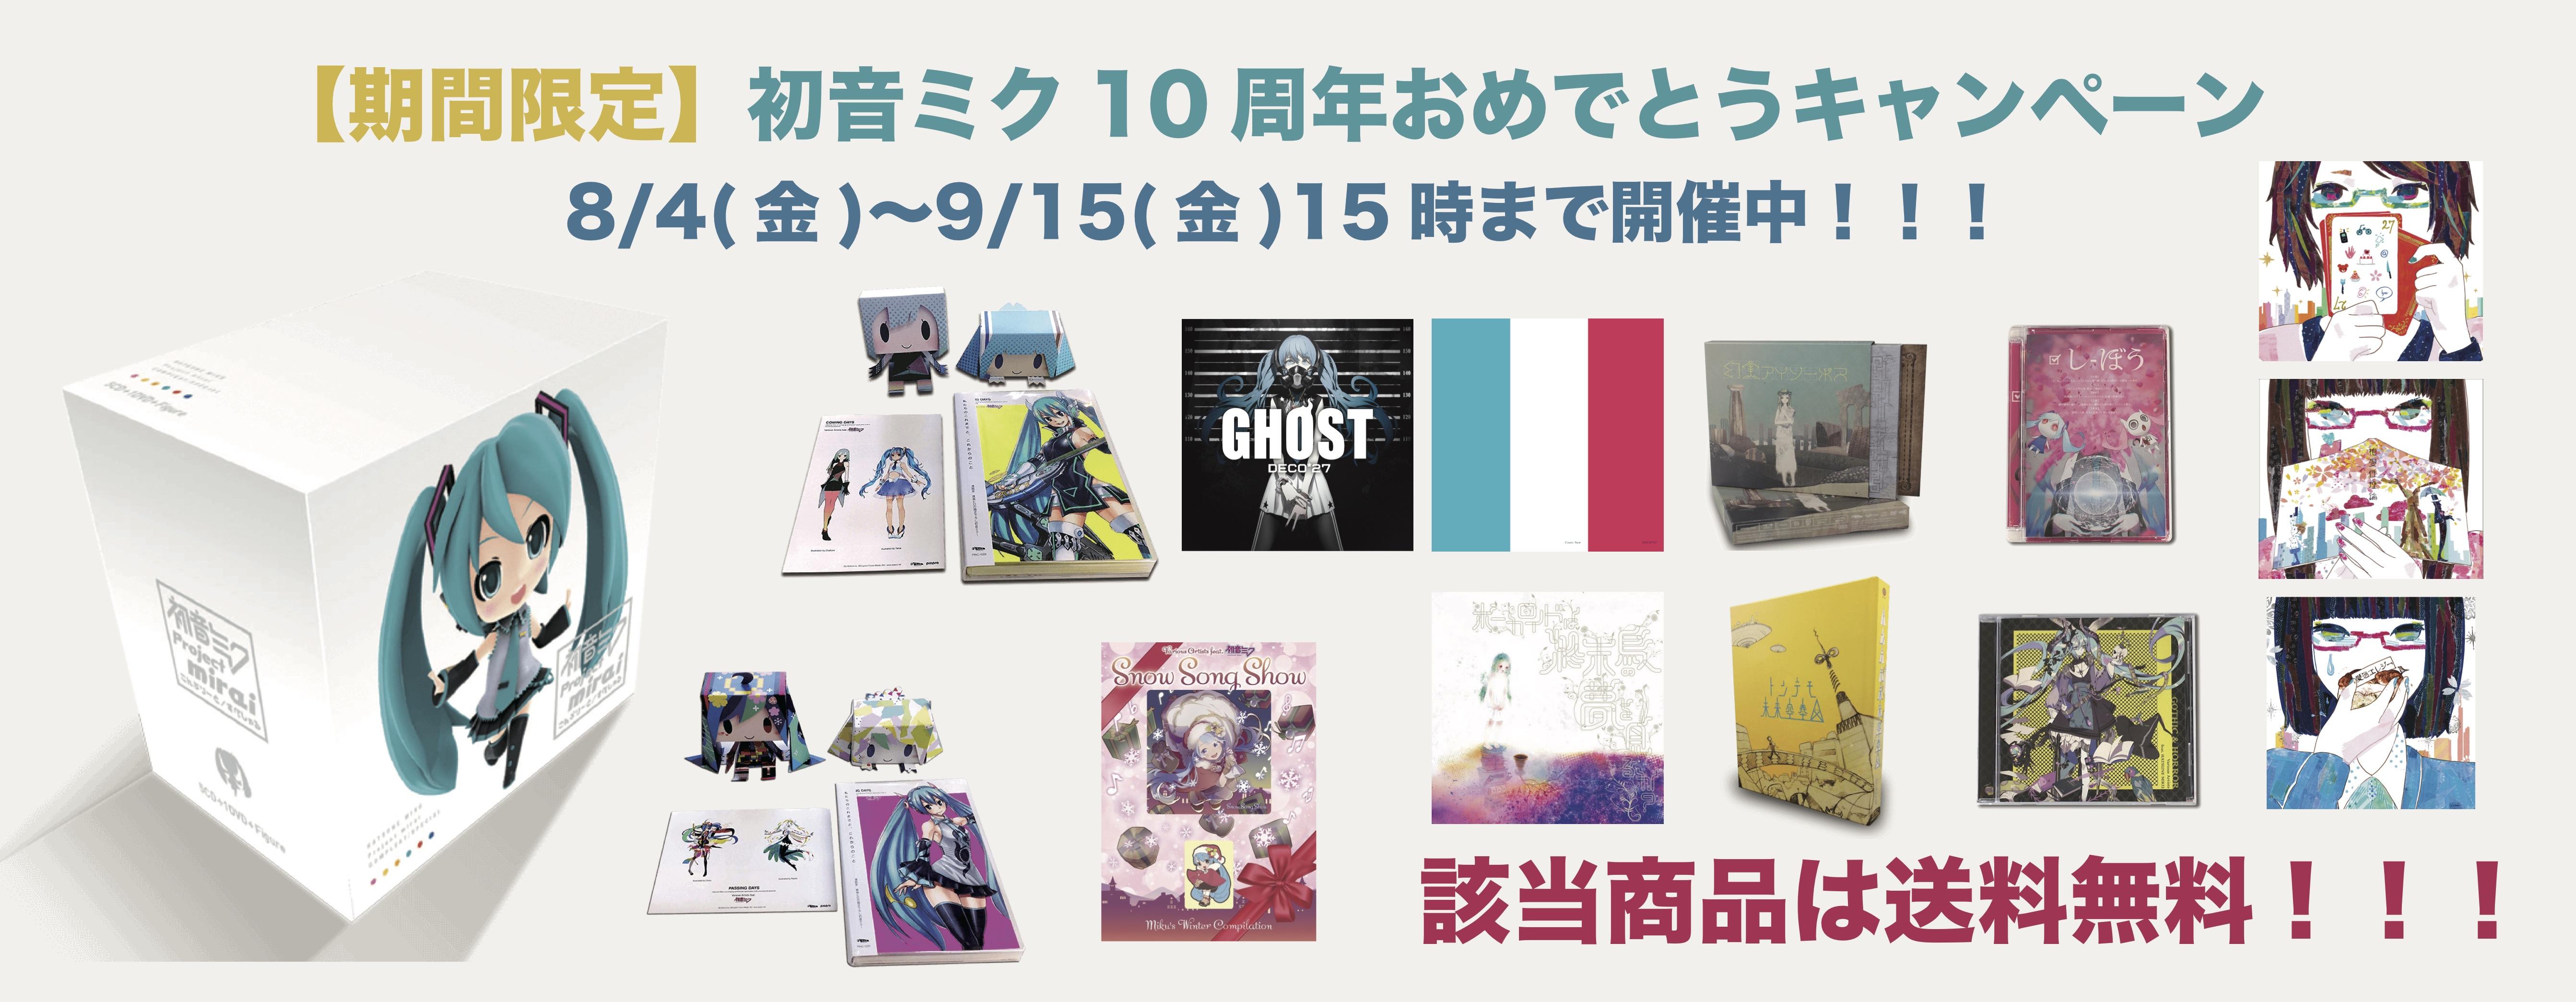 【8/4〜9/15】初音ミク10周年おめでとうキャンペーン